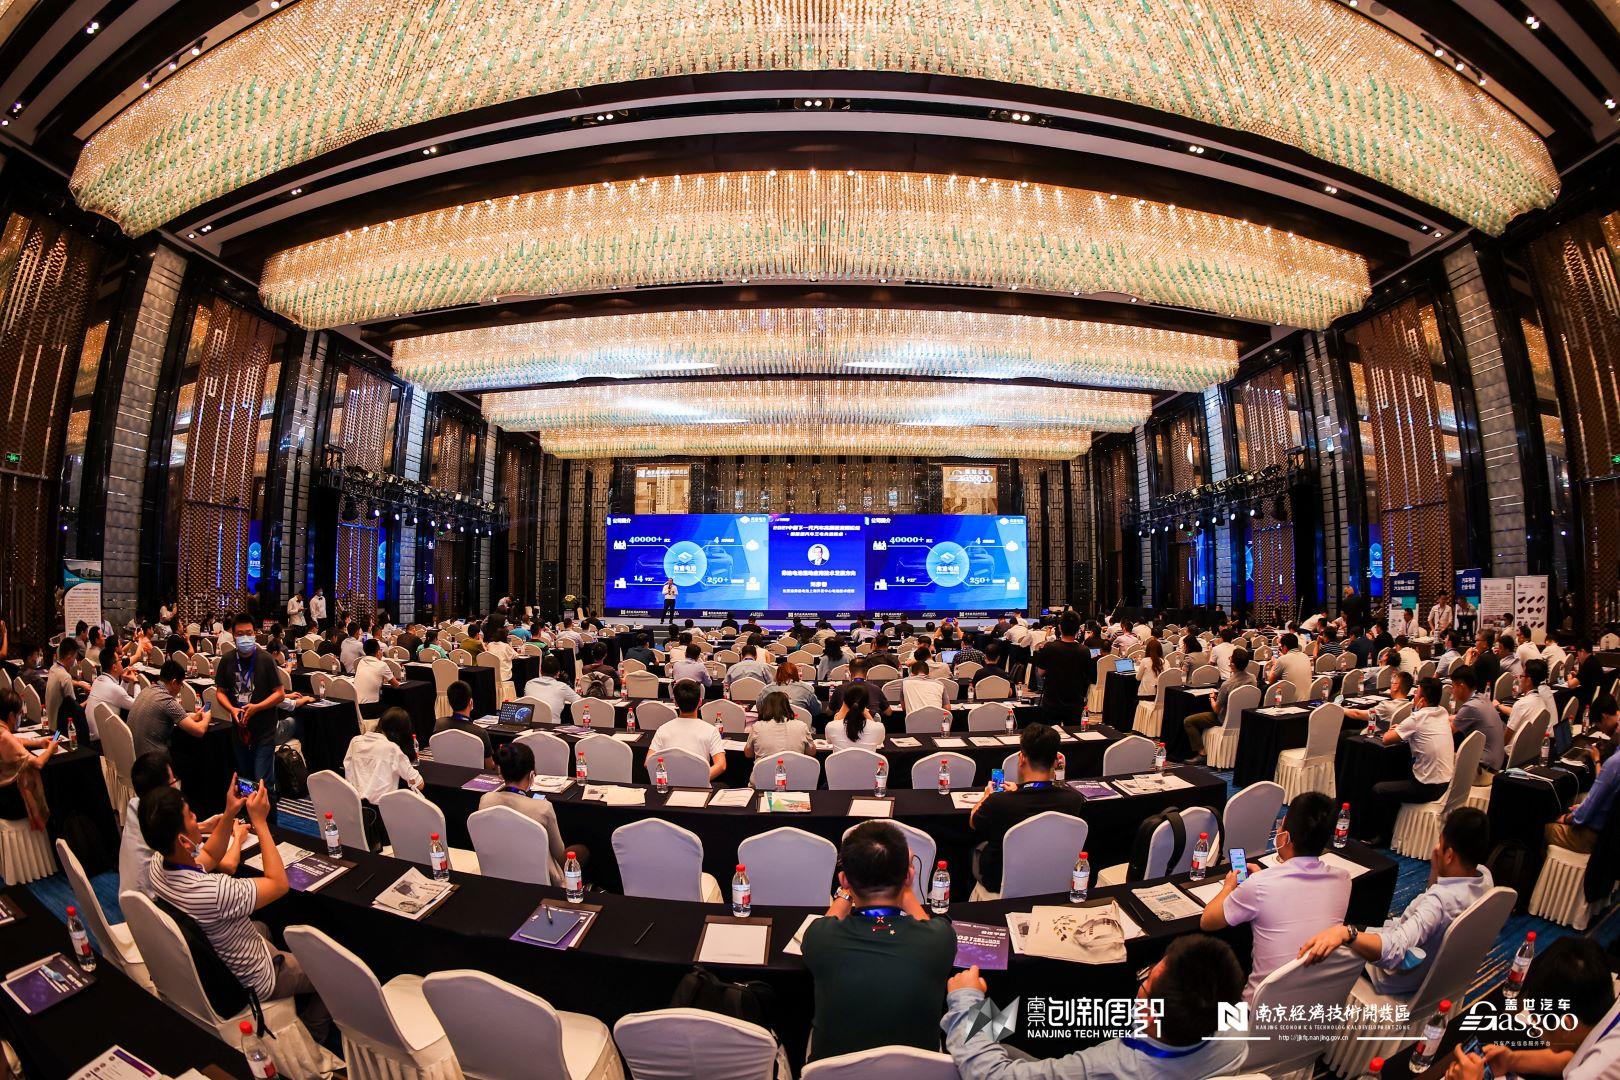 2021中国下一代汽车高质量发展论坛开幕,纵论产业发展趋势